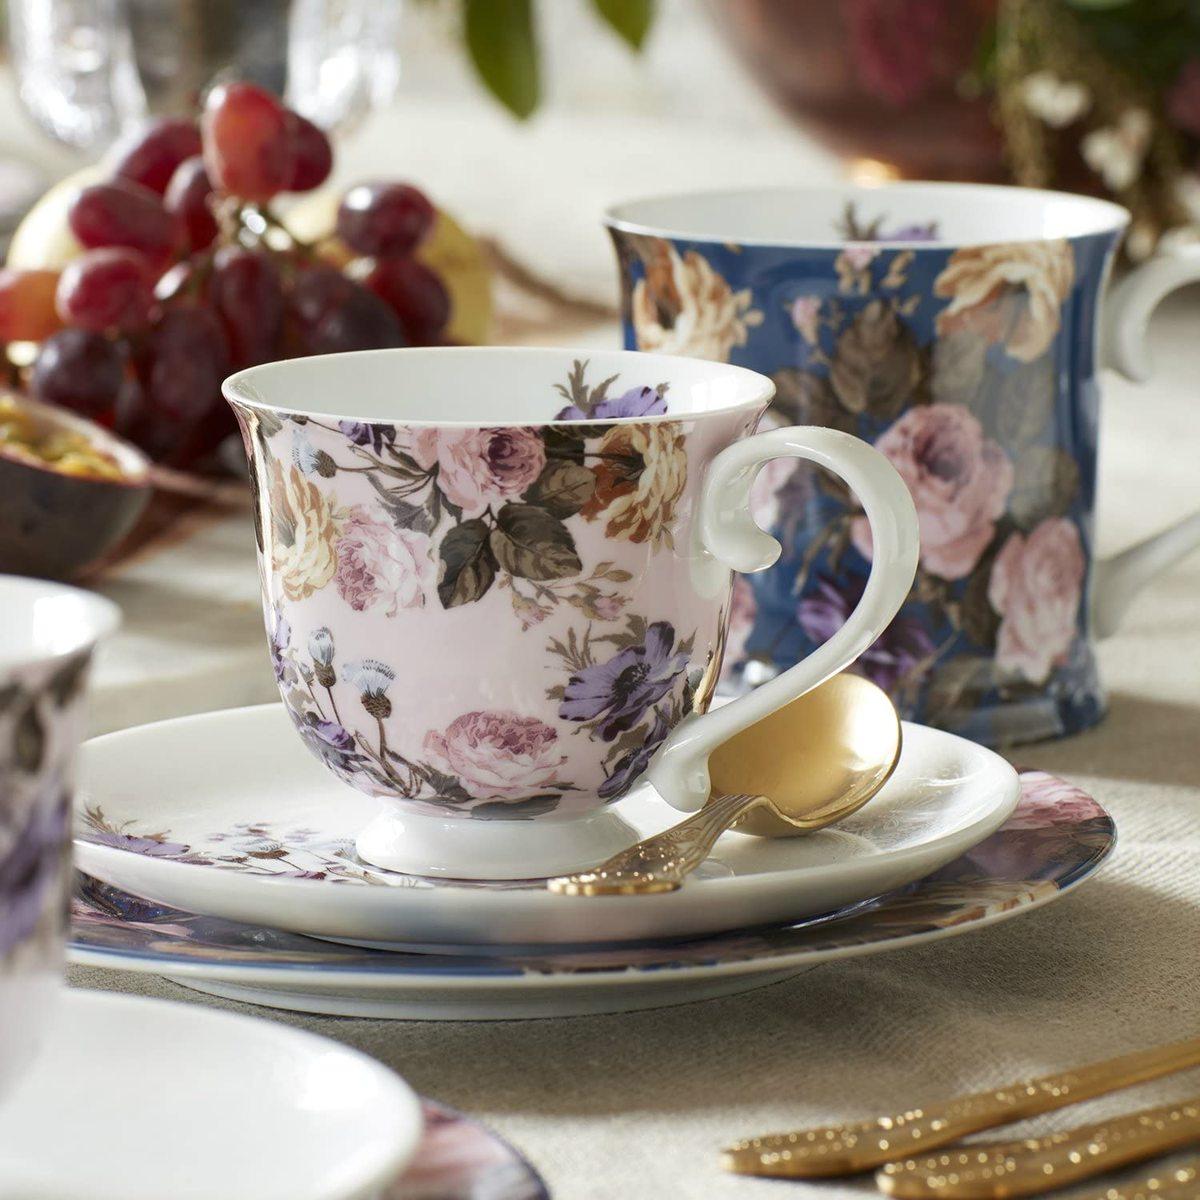 割り引き ロマンティックな花柄とレースが特徴です 送料無料新品 イギリス ケイティアリス ワイルドアプリシテイ ソーサー コレクション ティーカップ